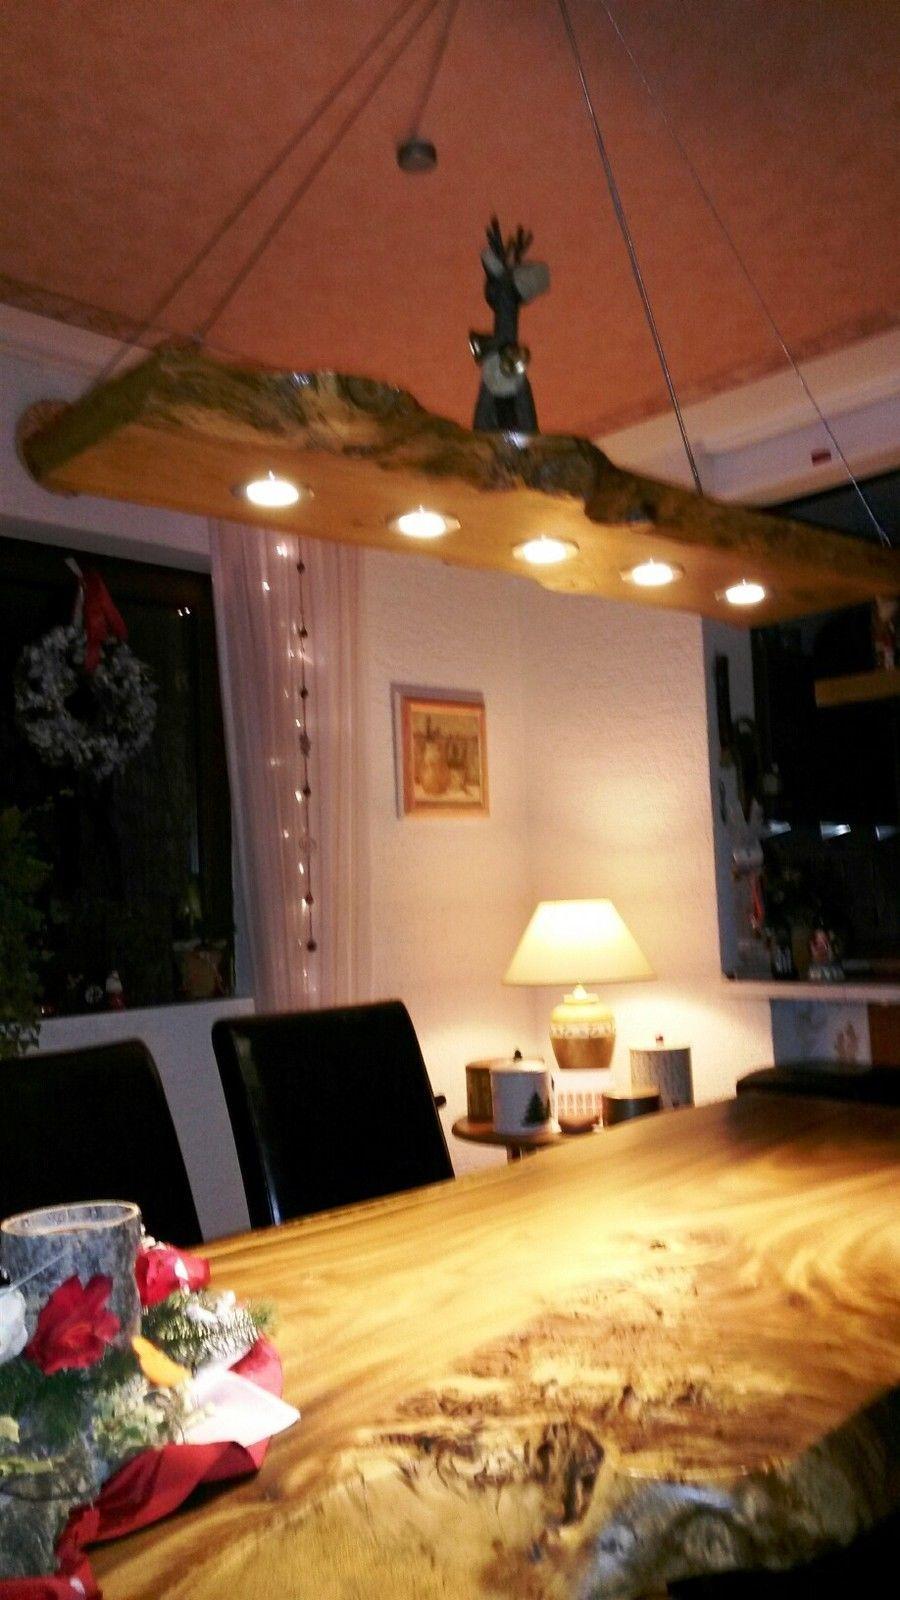 Pin Von Wood Crafts Auf Wohnzimmer In 2020 Deckenlampe Holz Esstischlampe Holz Hangelampe